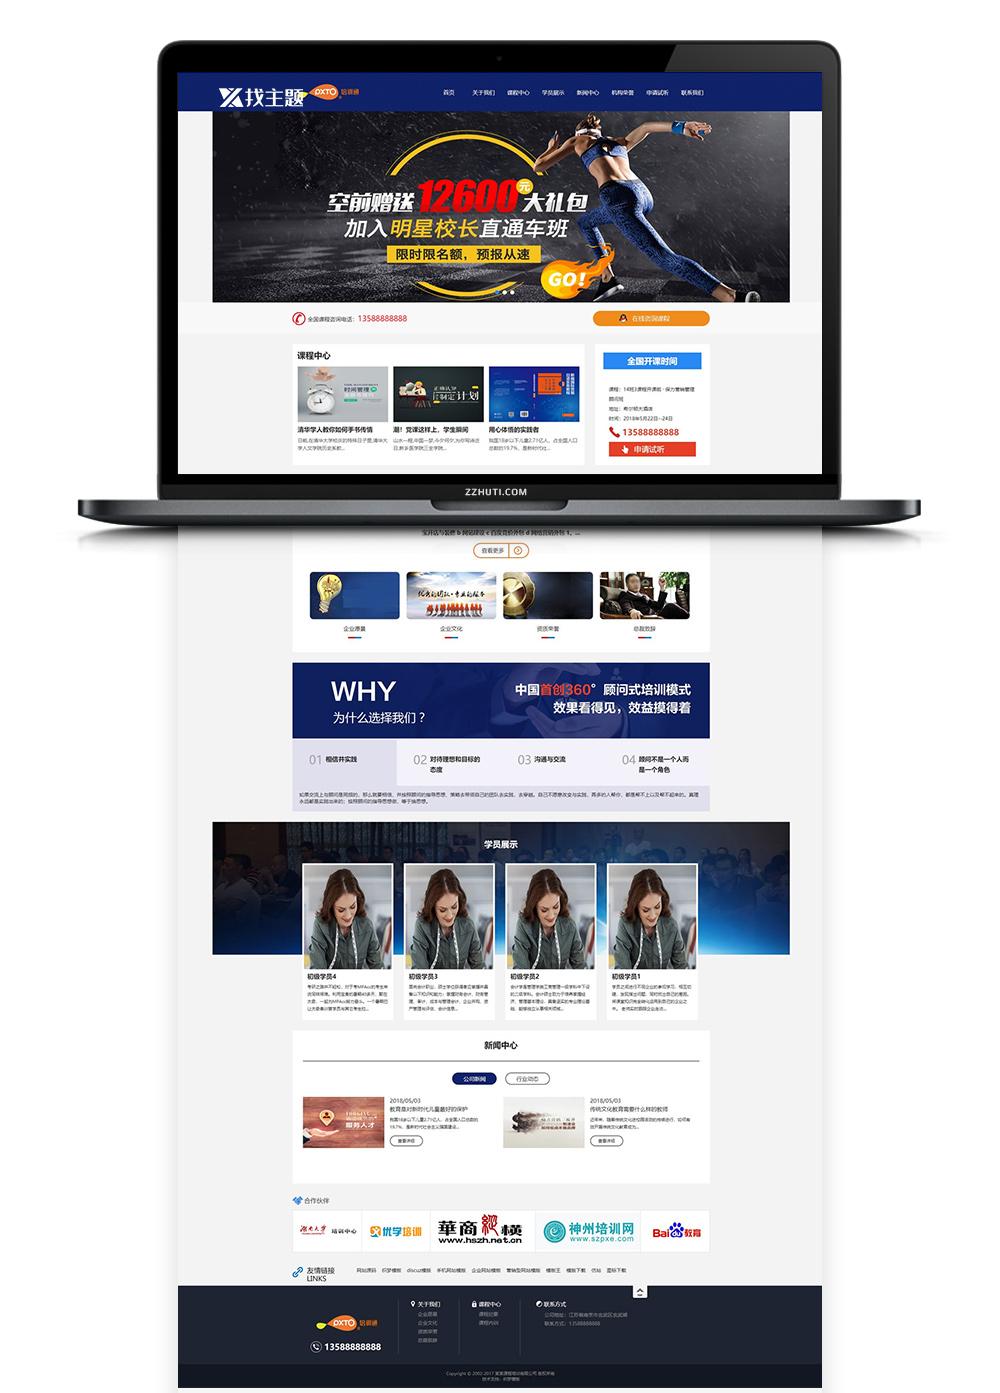 【培训机构】织梦cms蓝色模板 网站源码 带手机版数据同步-找主题源码